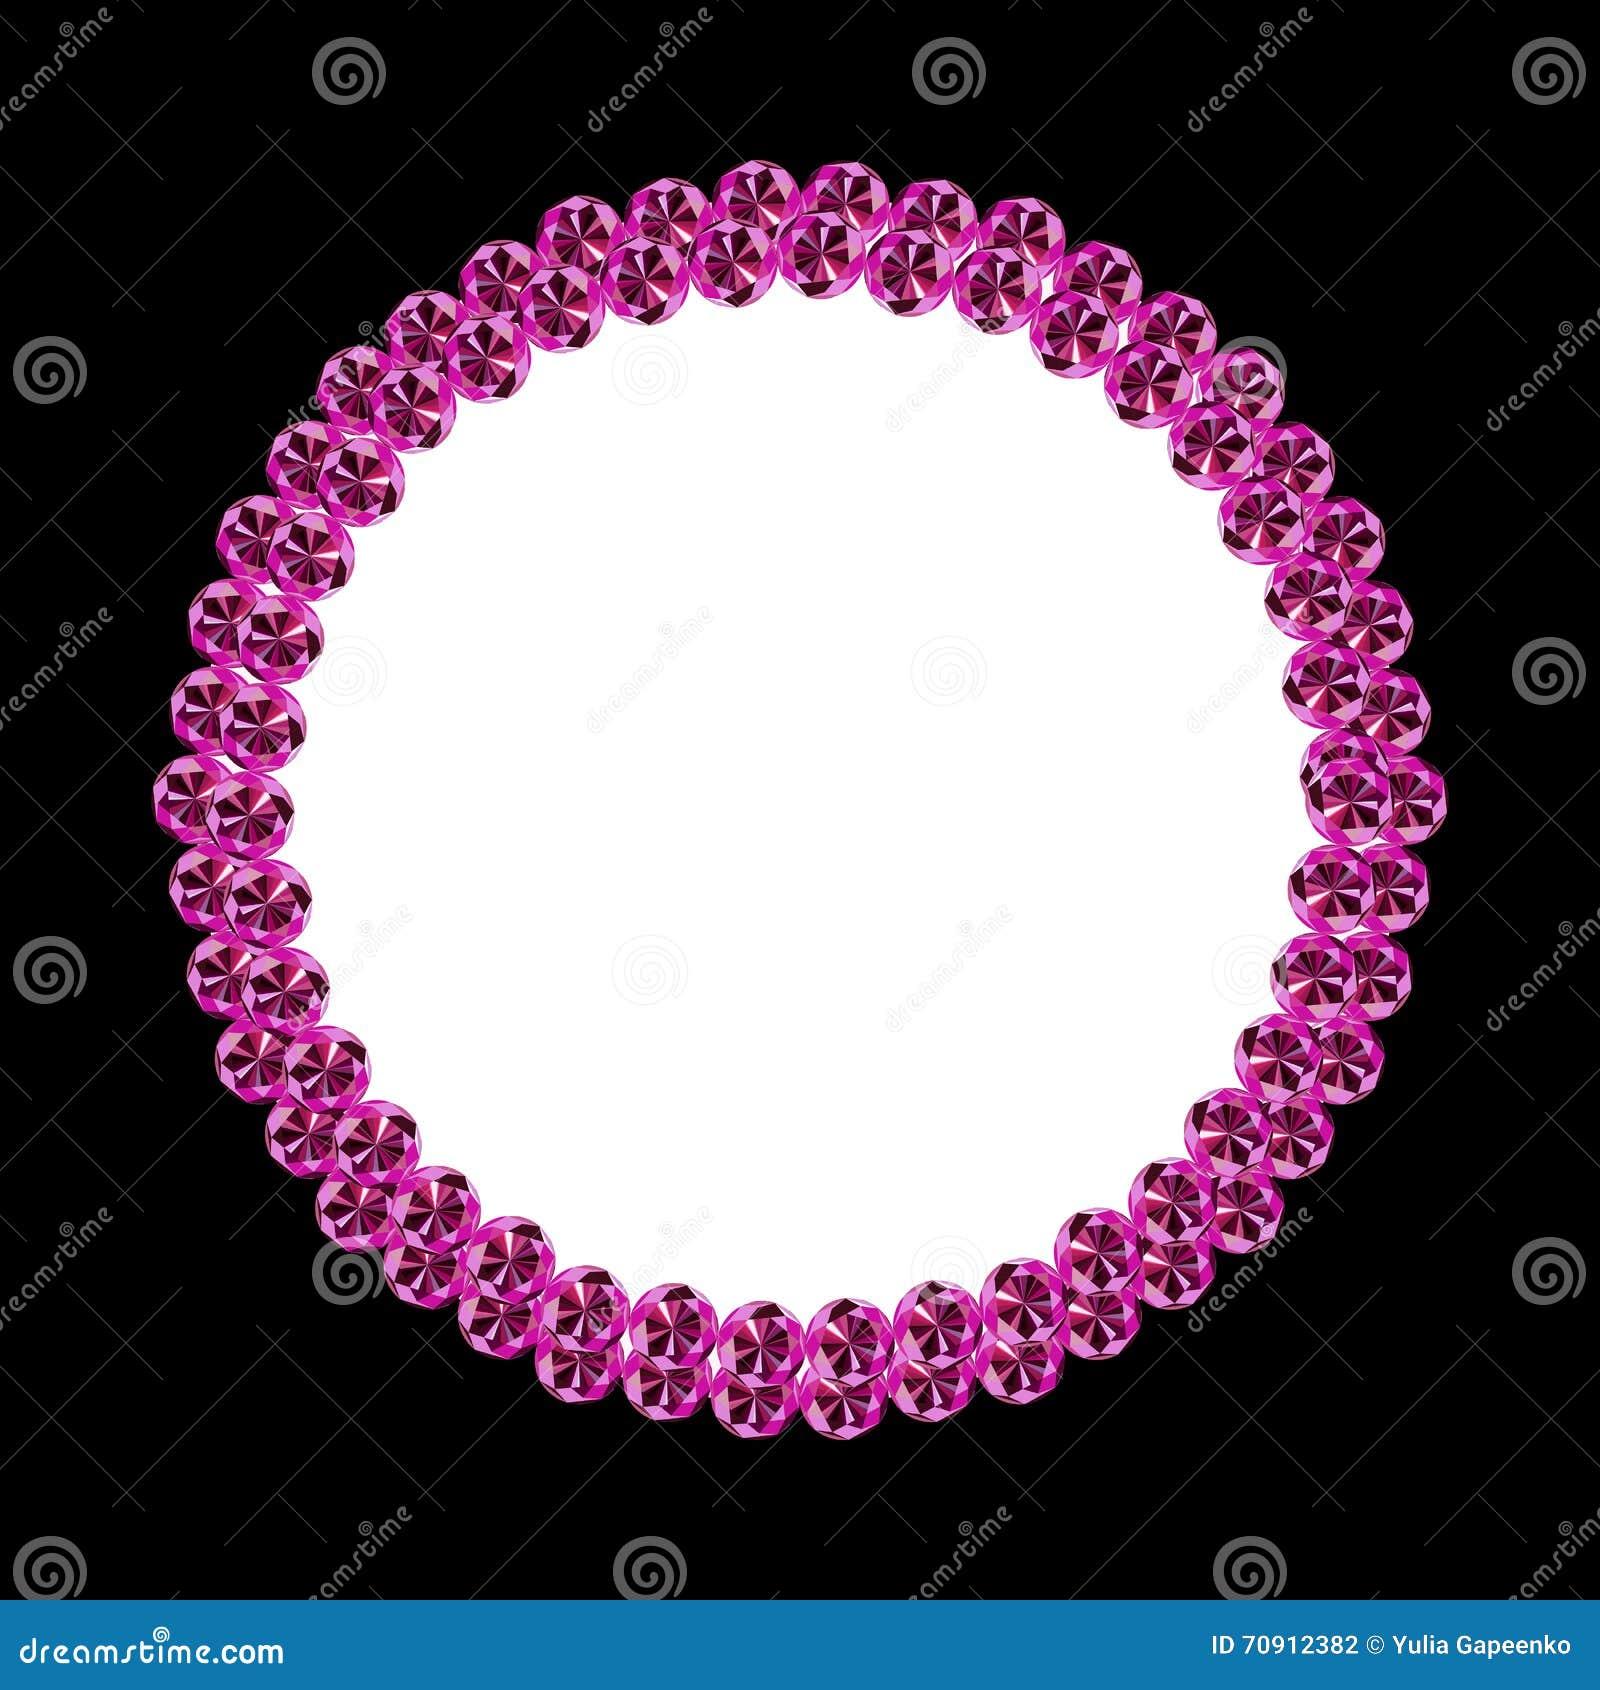 Abstract Luxury Black Diamond Background Vector Illustration Stock